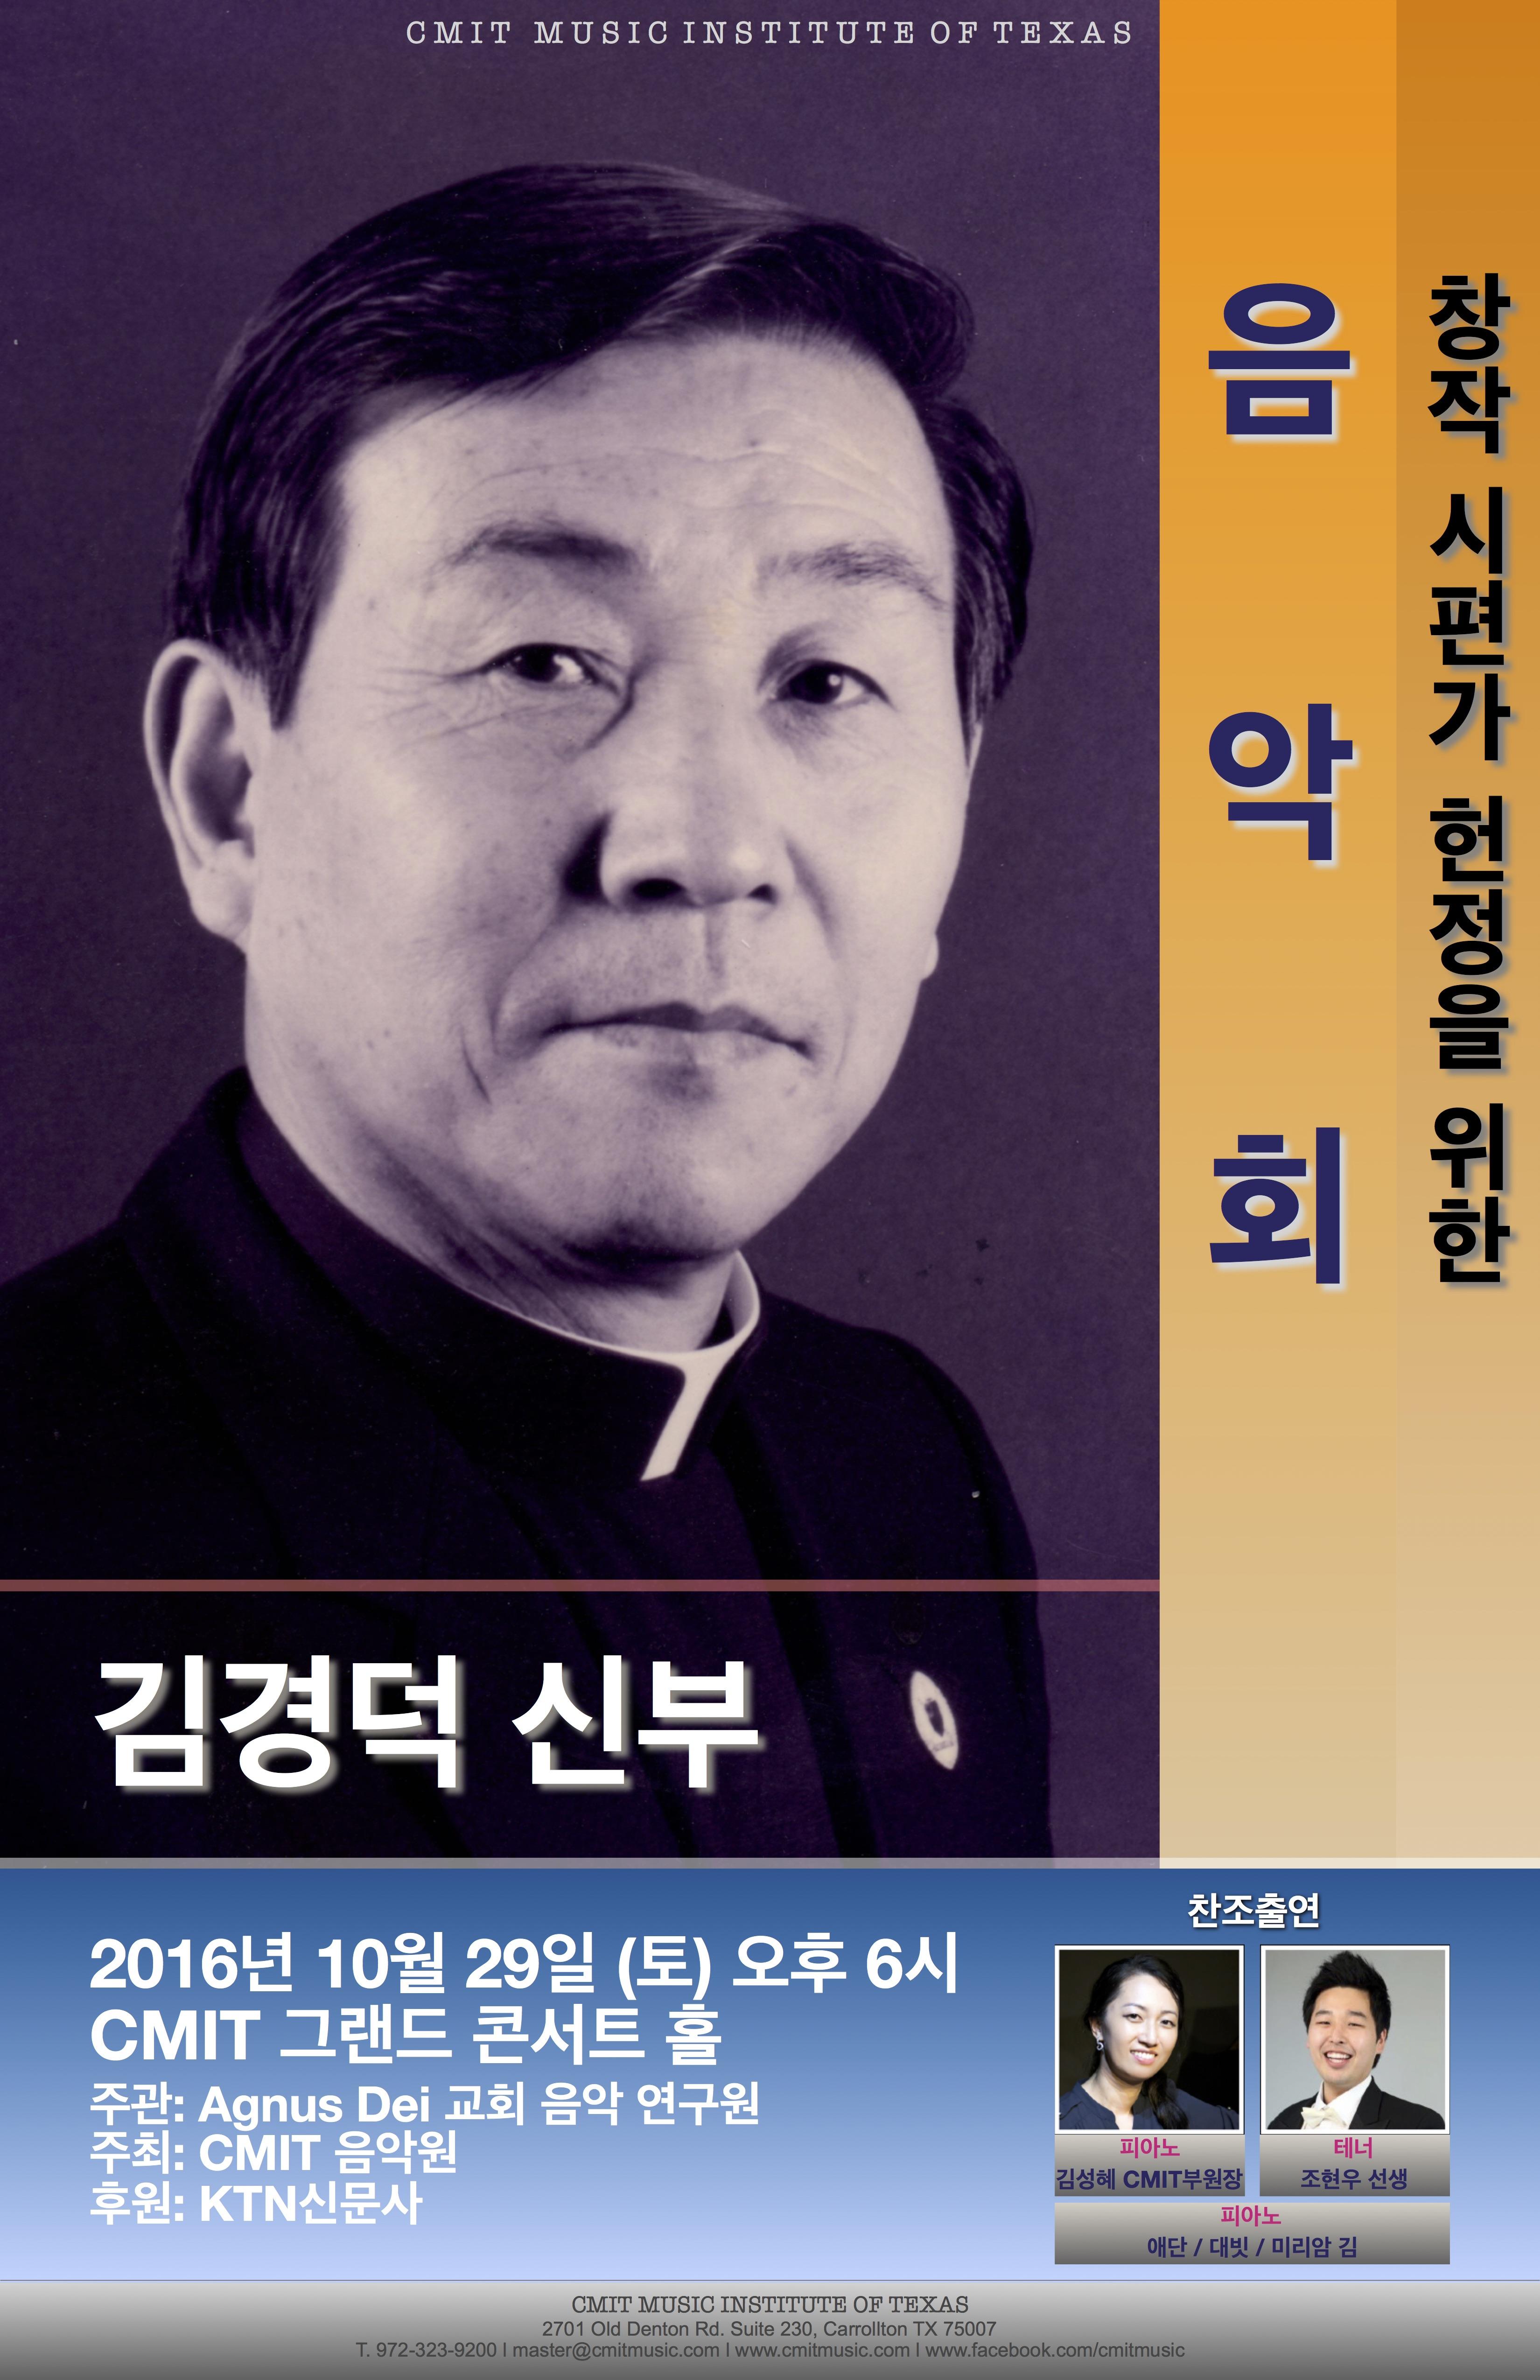 김경덕 신부 연주회 102916